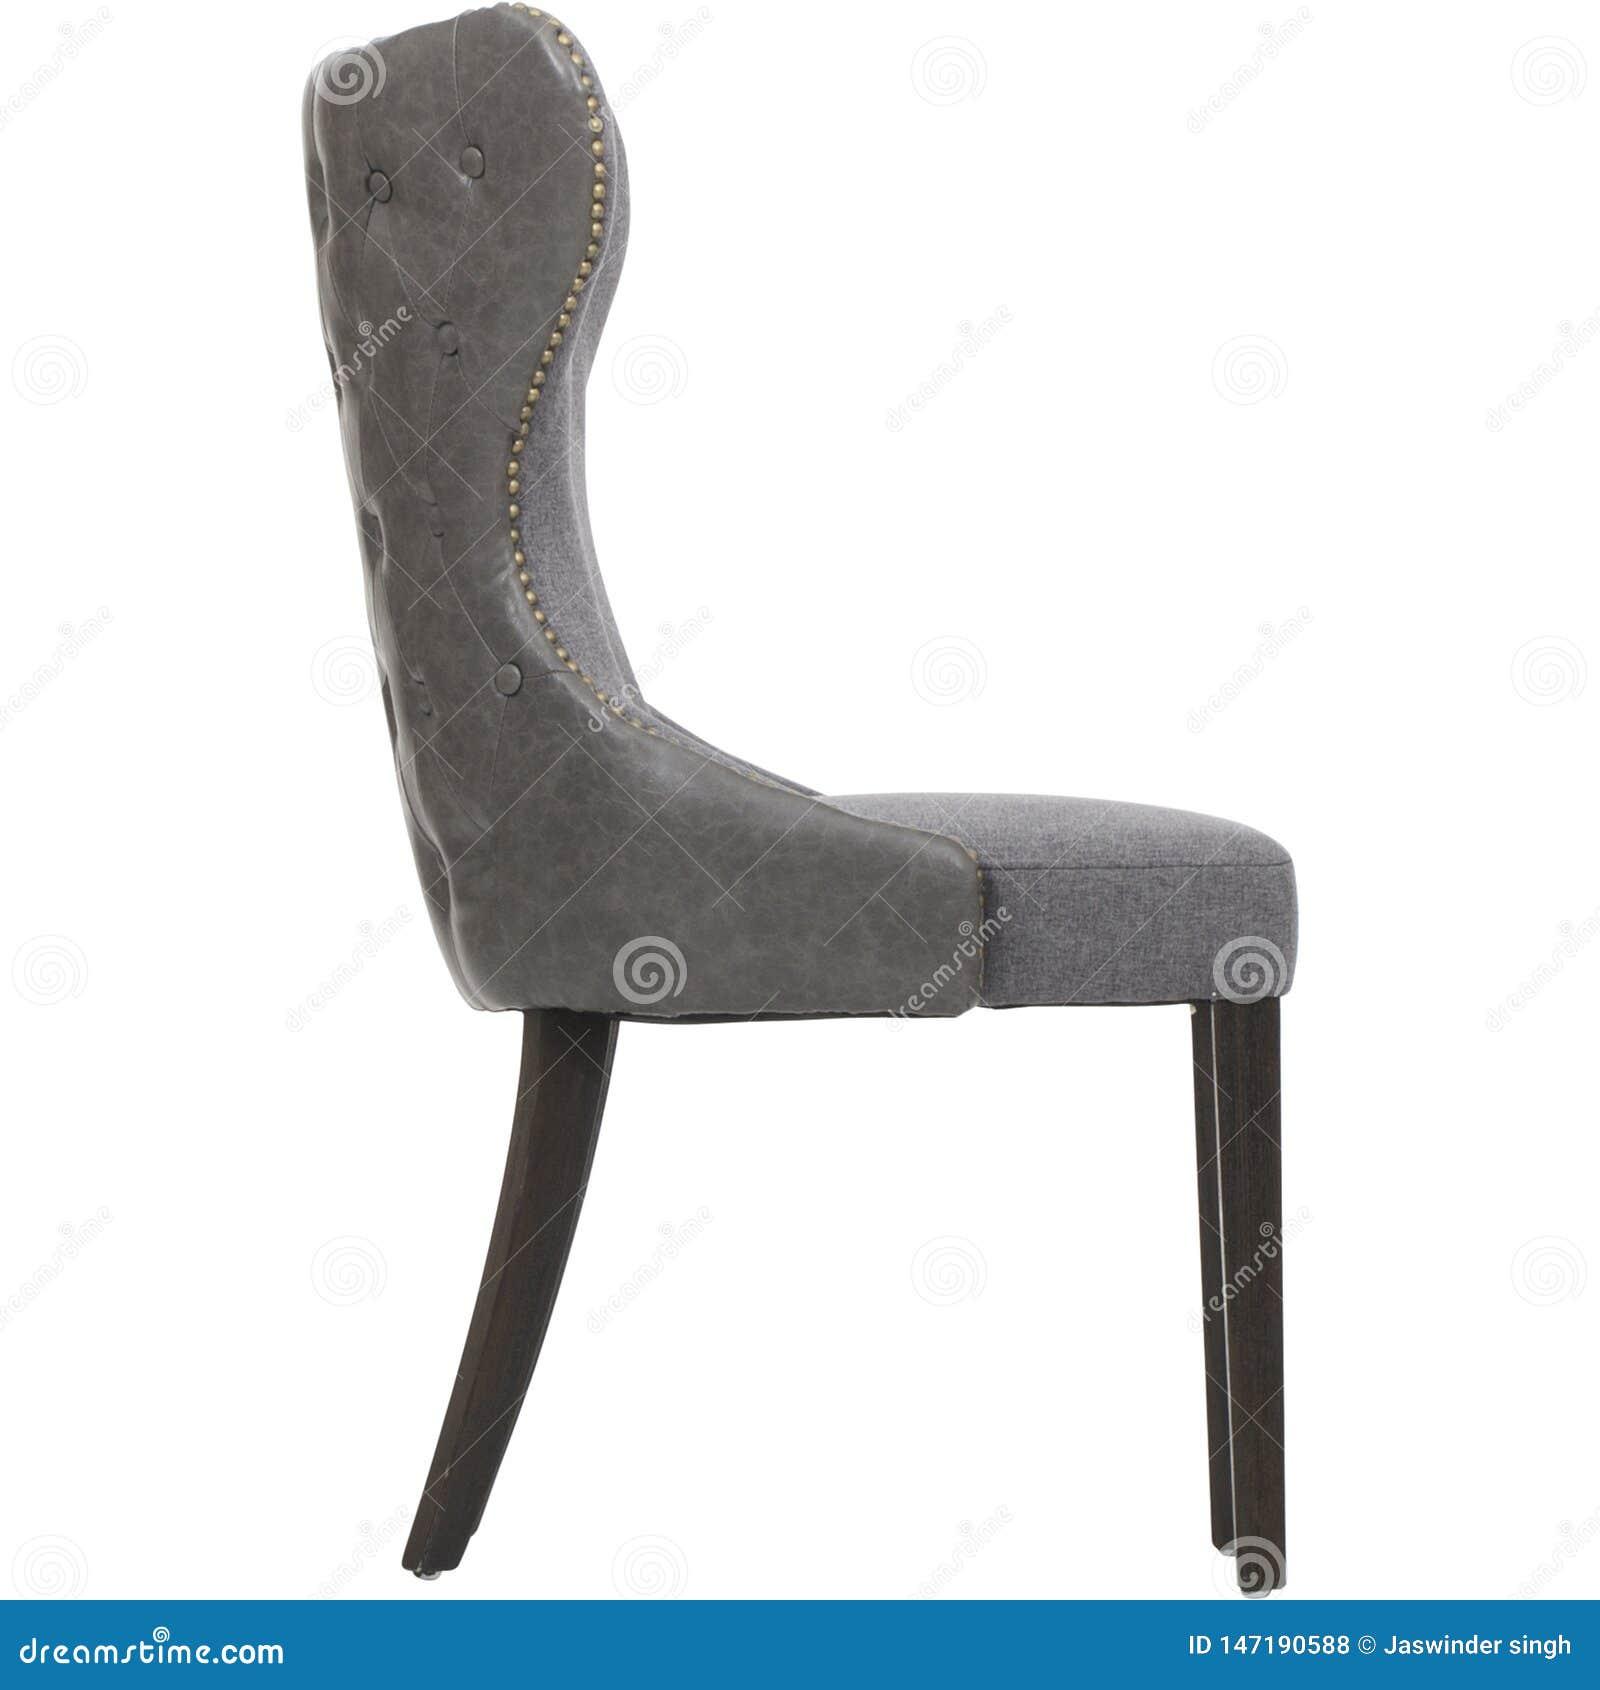 Sommerford jadalni krzesło, nitu Whidbey wieka Otwarty Akcentuacyjny Łomota krzesło Z powrotem, Bushey rolki Odgórny Kiciasty Now